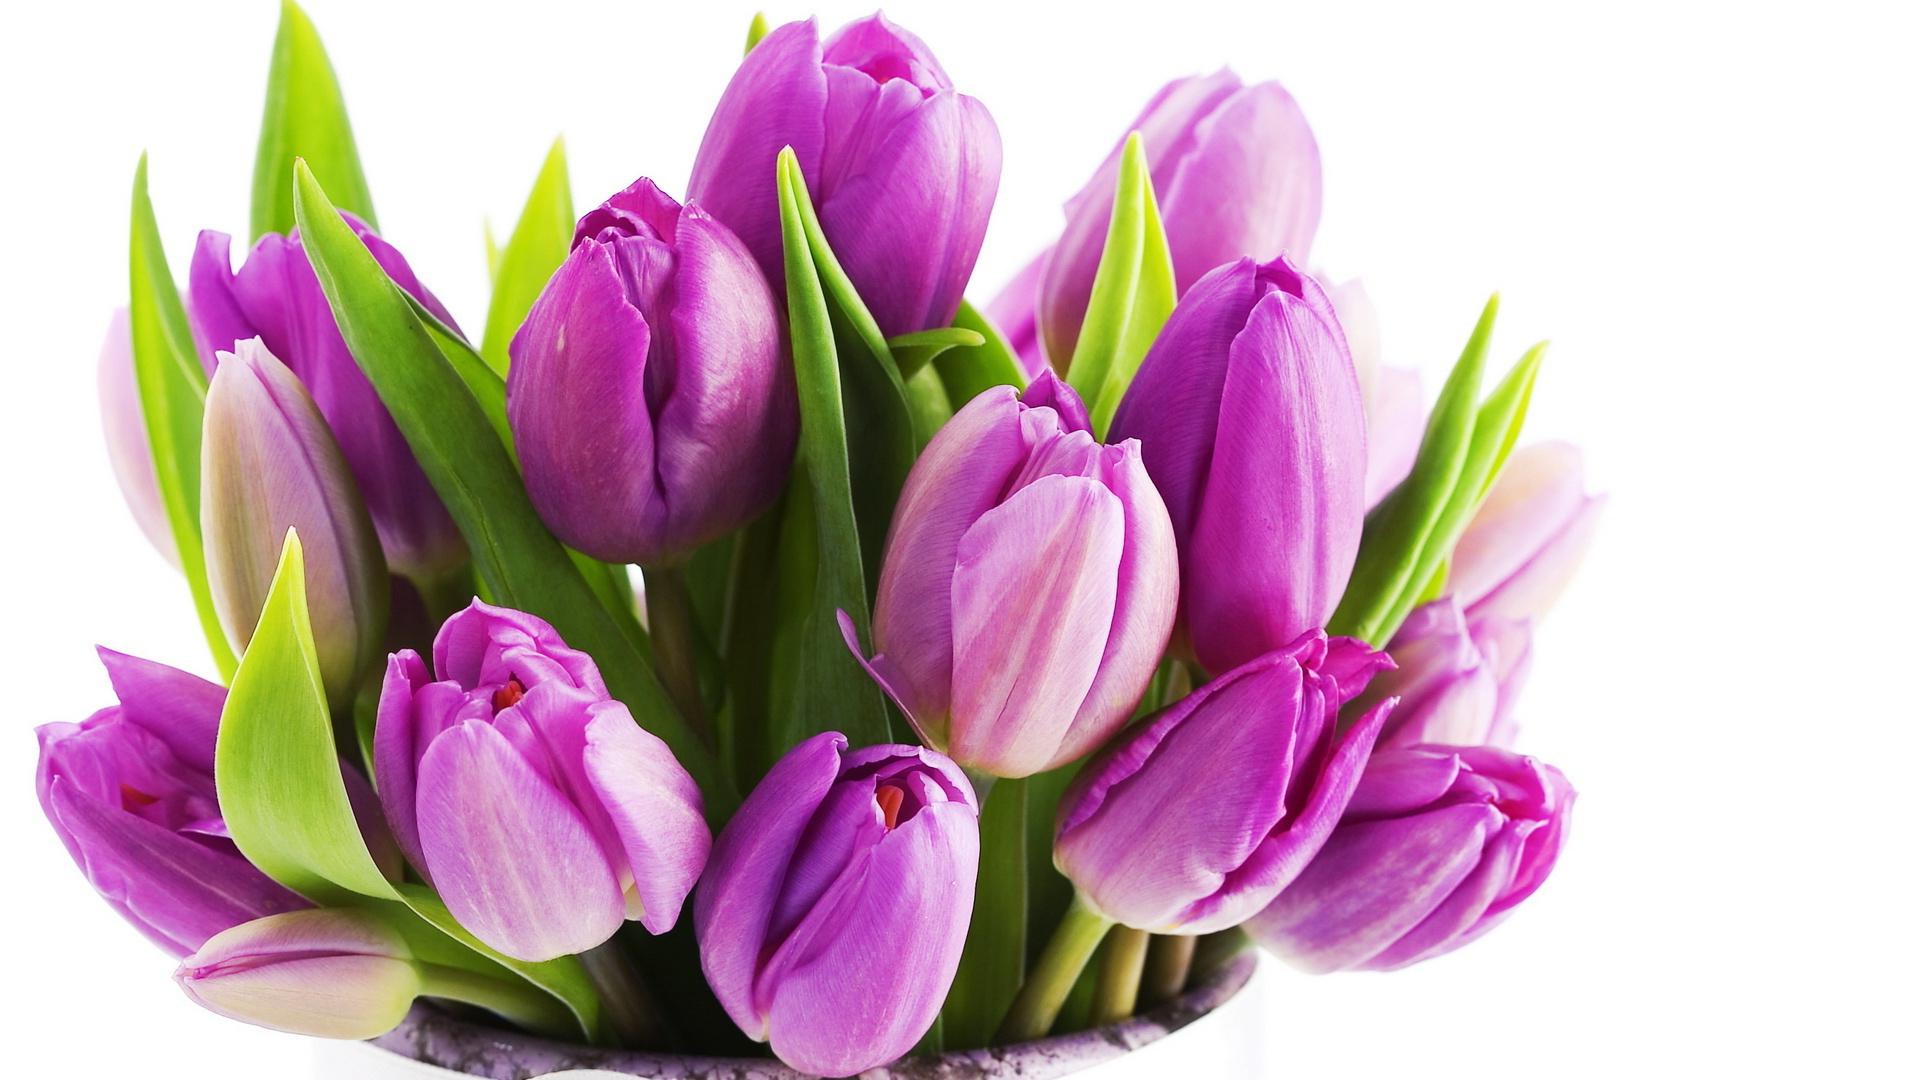 tulip-photo-168